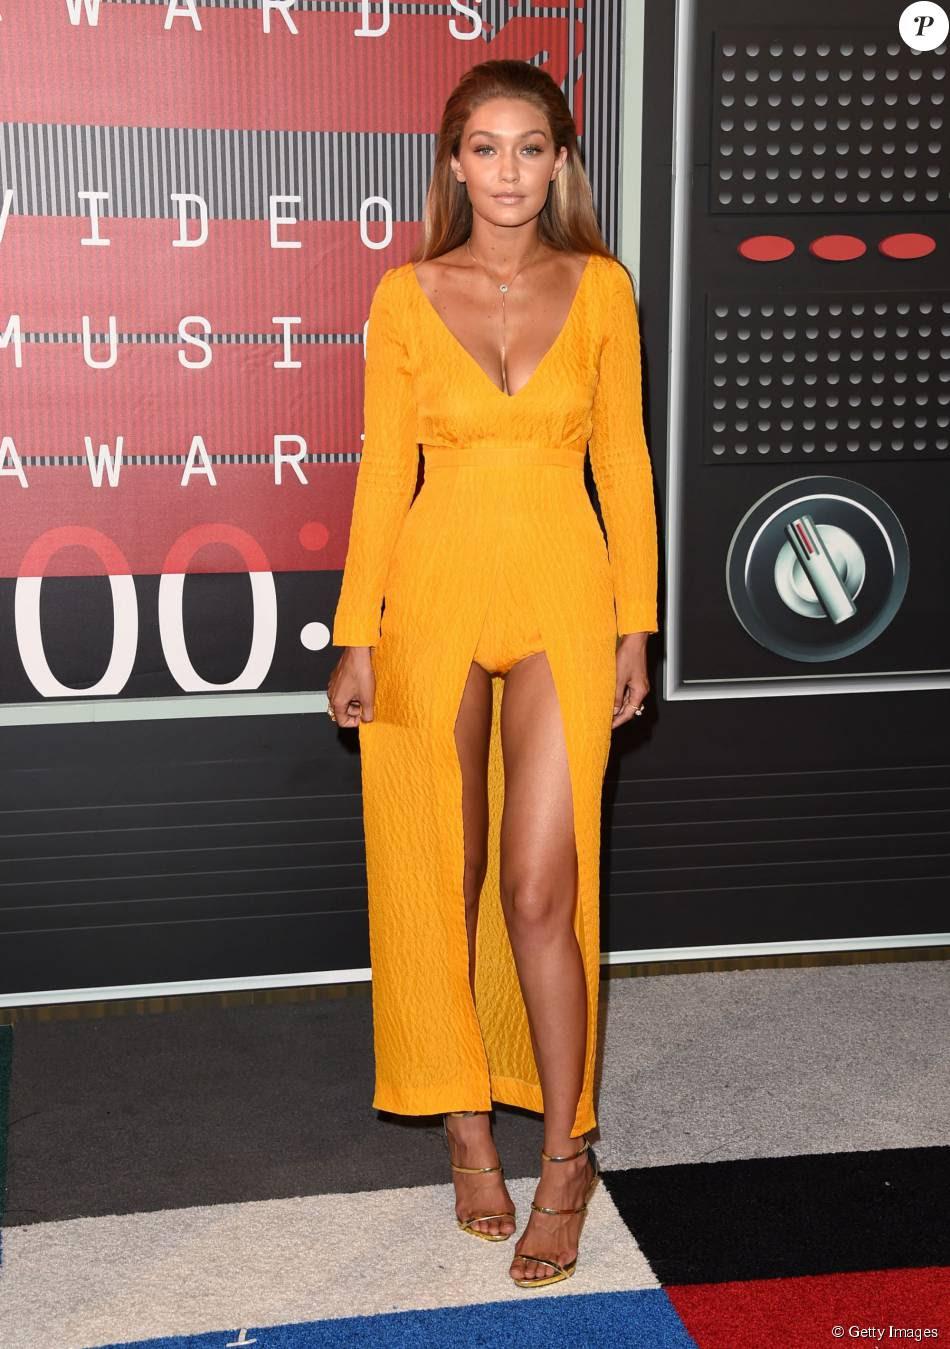 Gigi Hadid foi ao VMA 2015 usando um vestido amarelo Emilia Wickstead, que deixava suas pernas à mostra